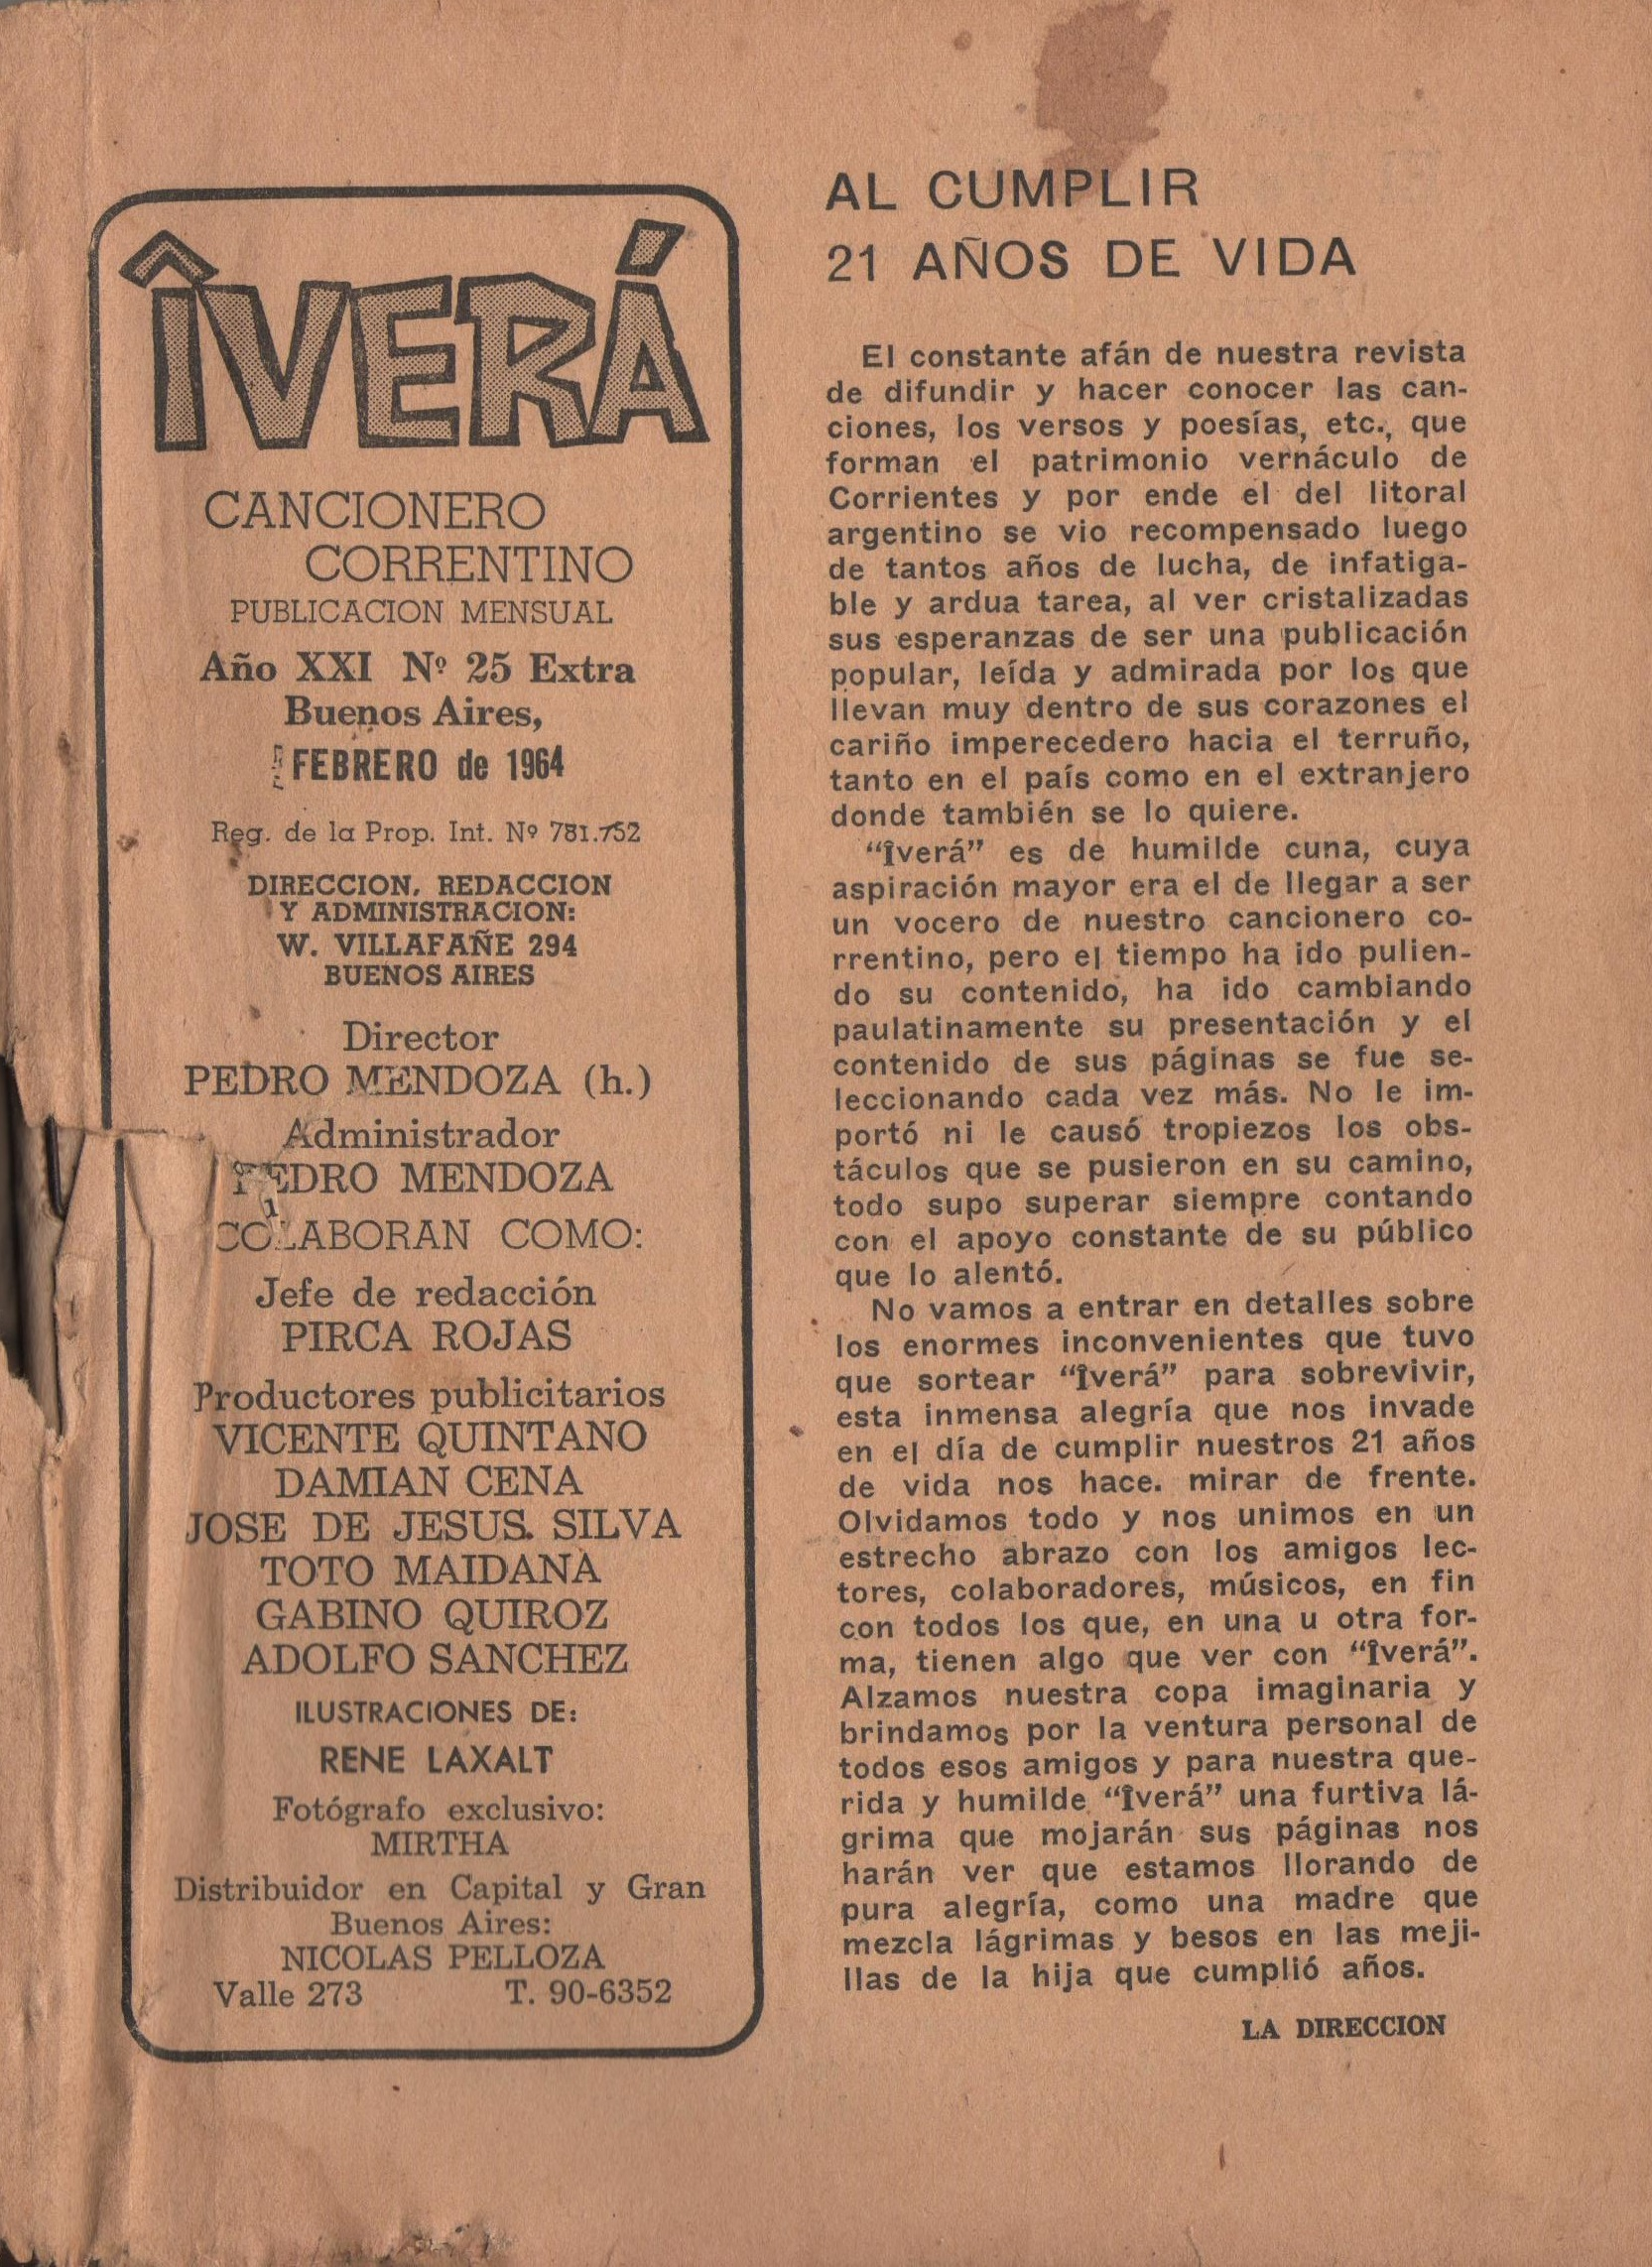 Nº 25 Extra - Febrero de 1964